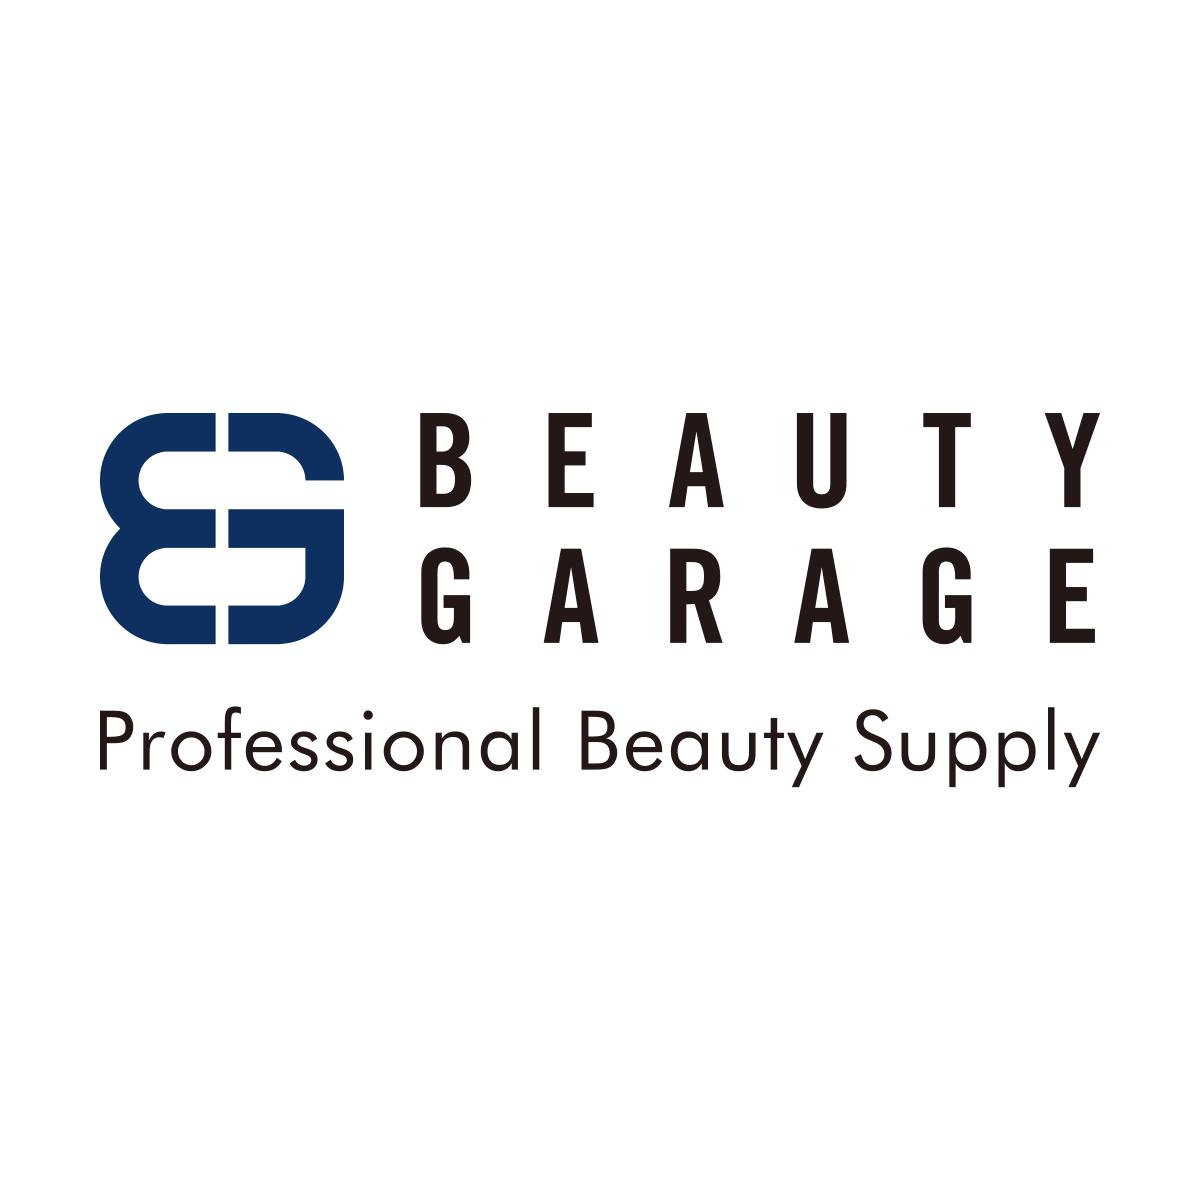 ビューティガレージ【公式】 | 理美容/エステ/ネイルのプロ向け美容商材の卸通販